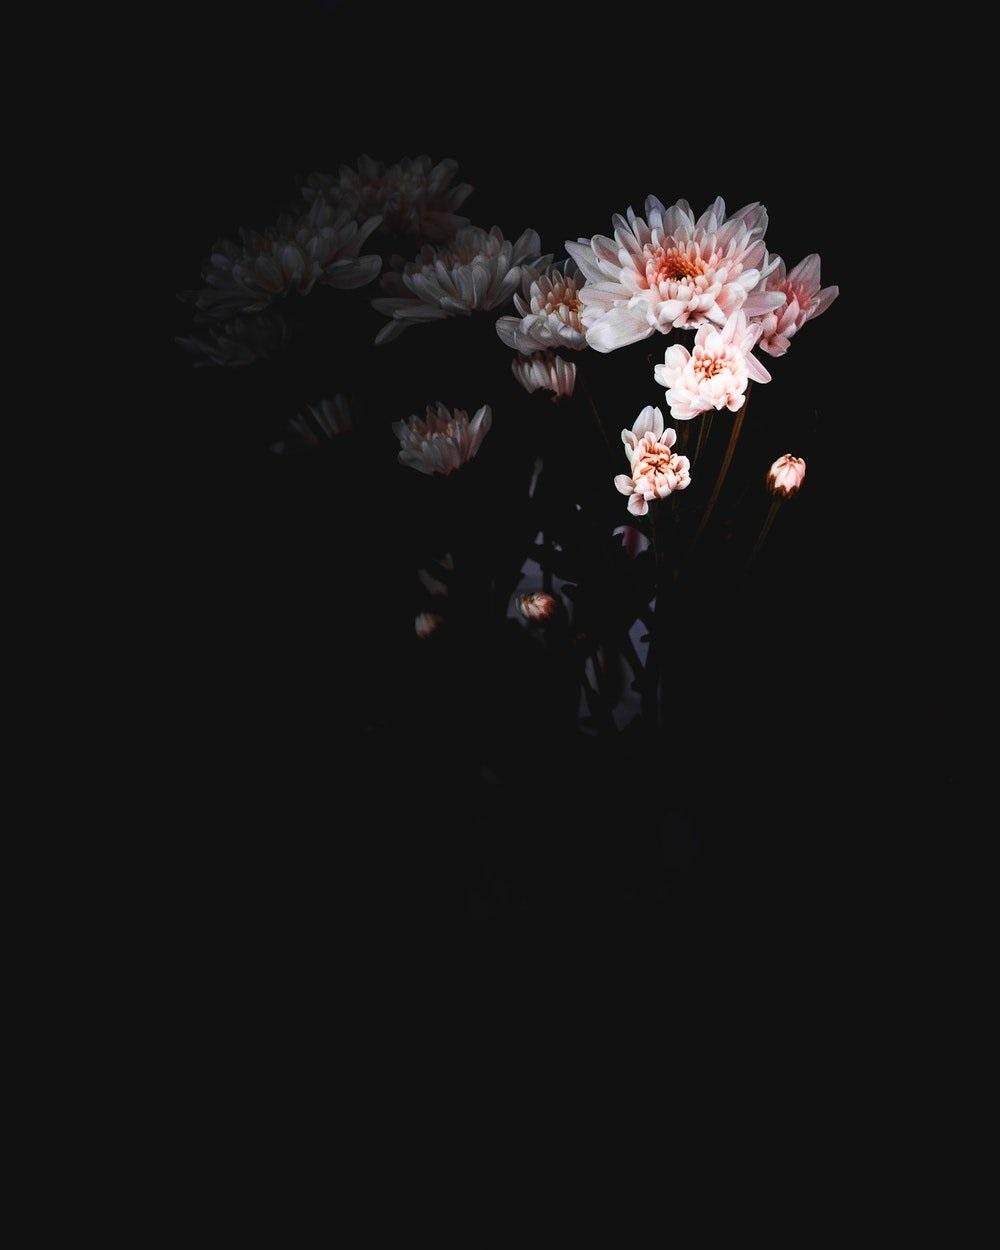 Цветы картины на черном фоне002